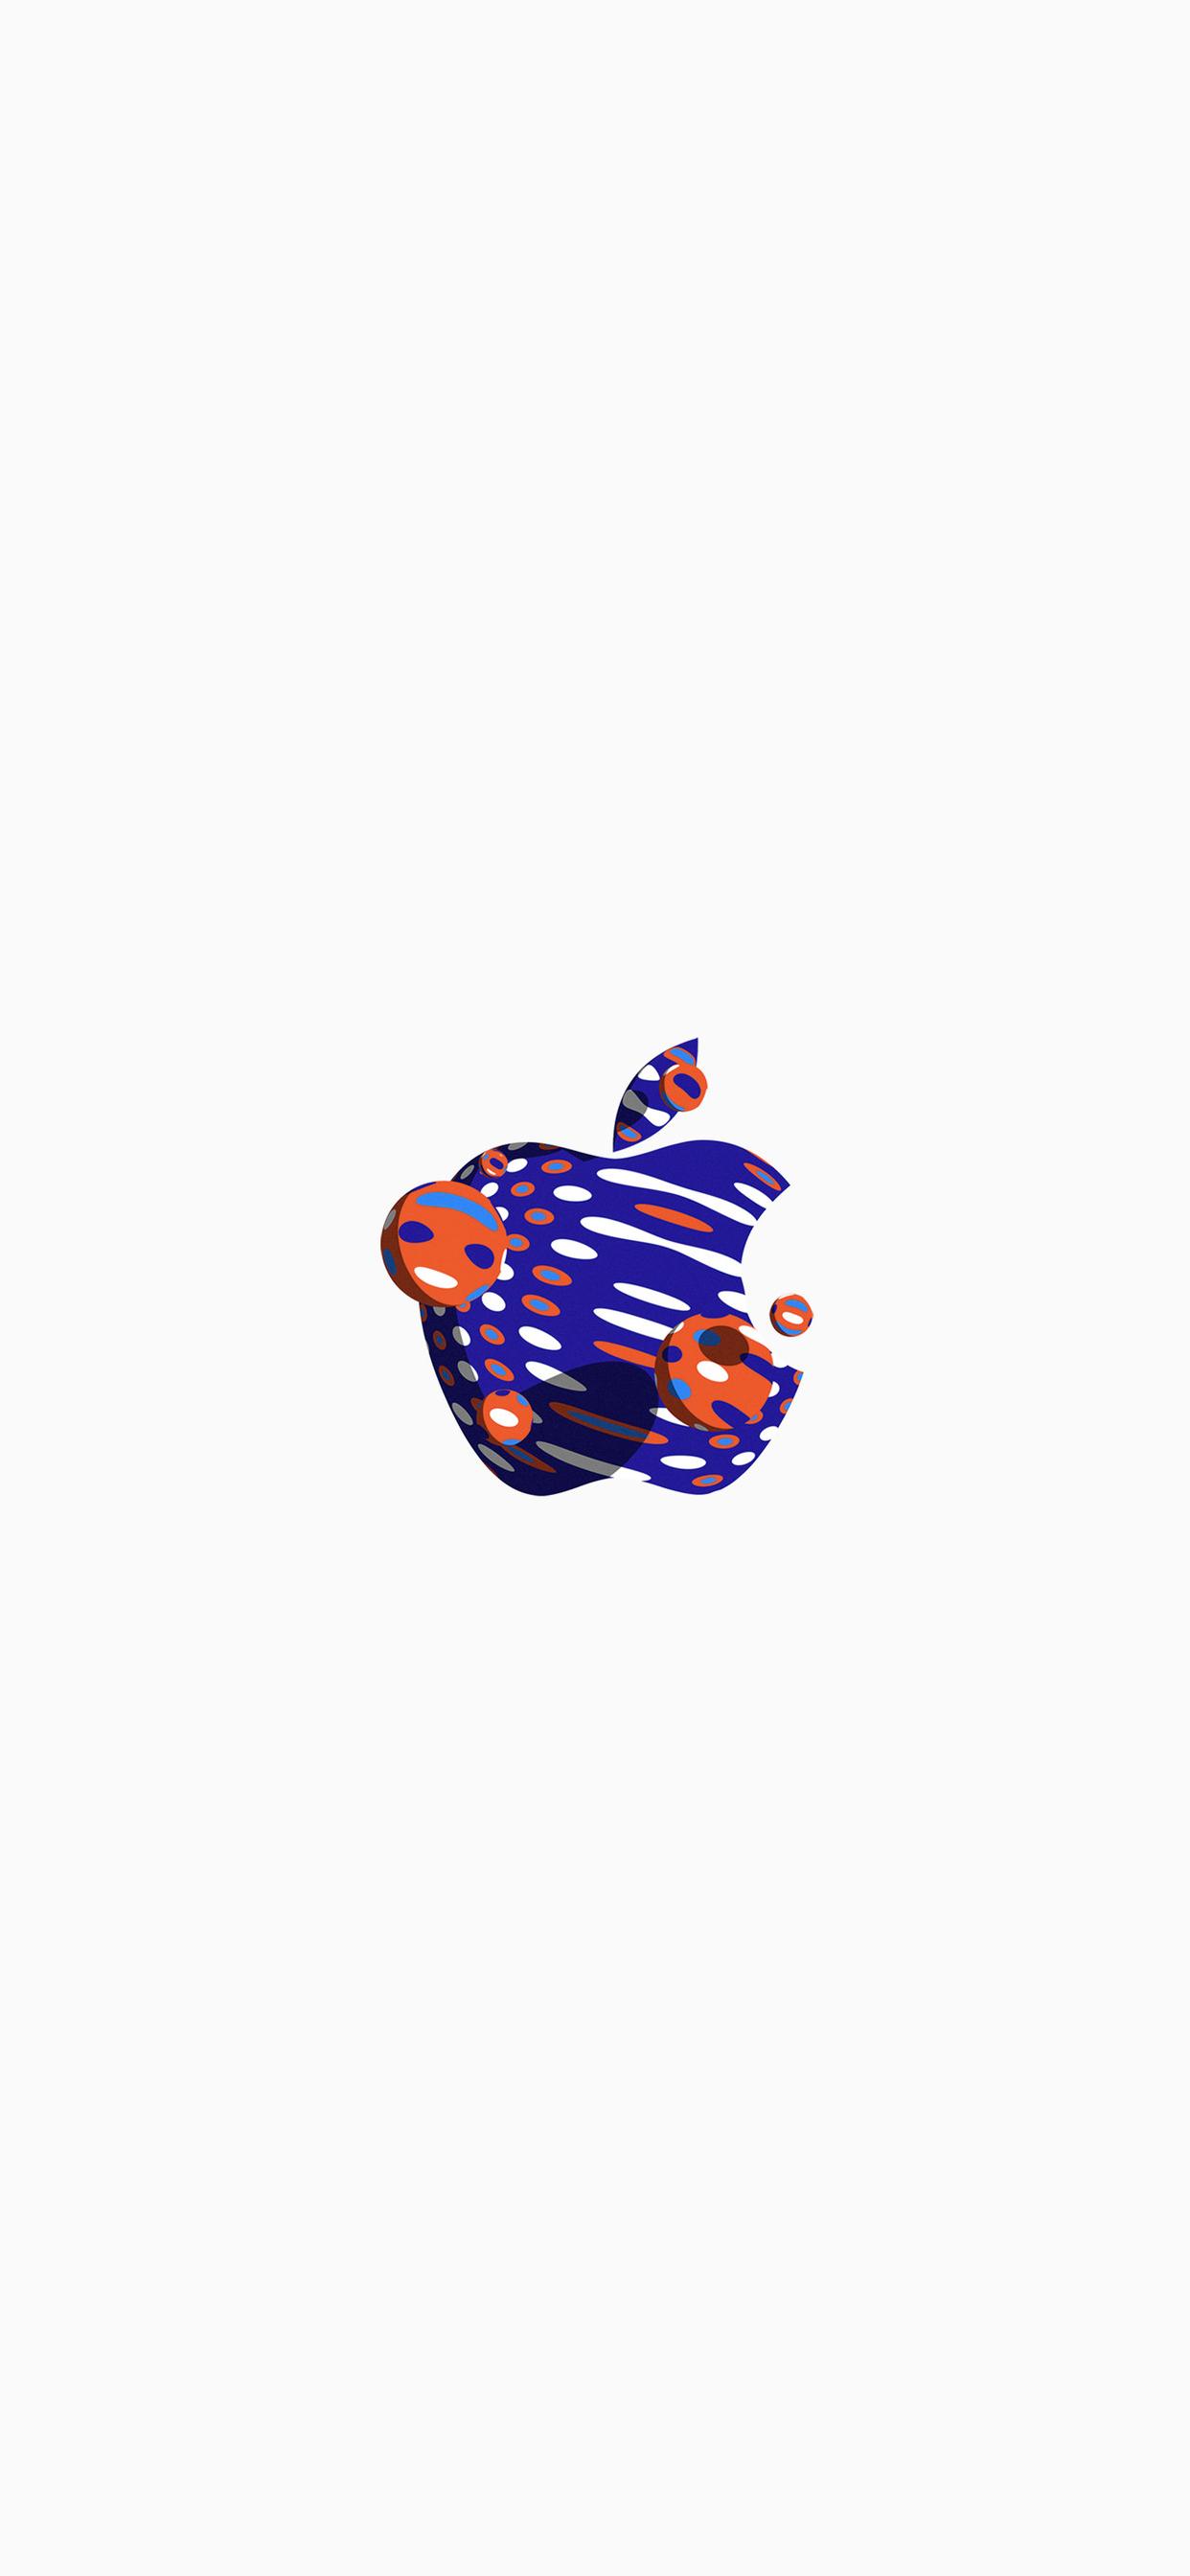 4 Fonds d'écran avec le logo Apple pour iPhone